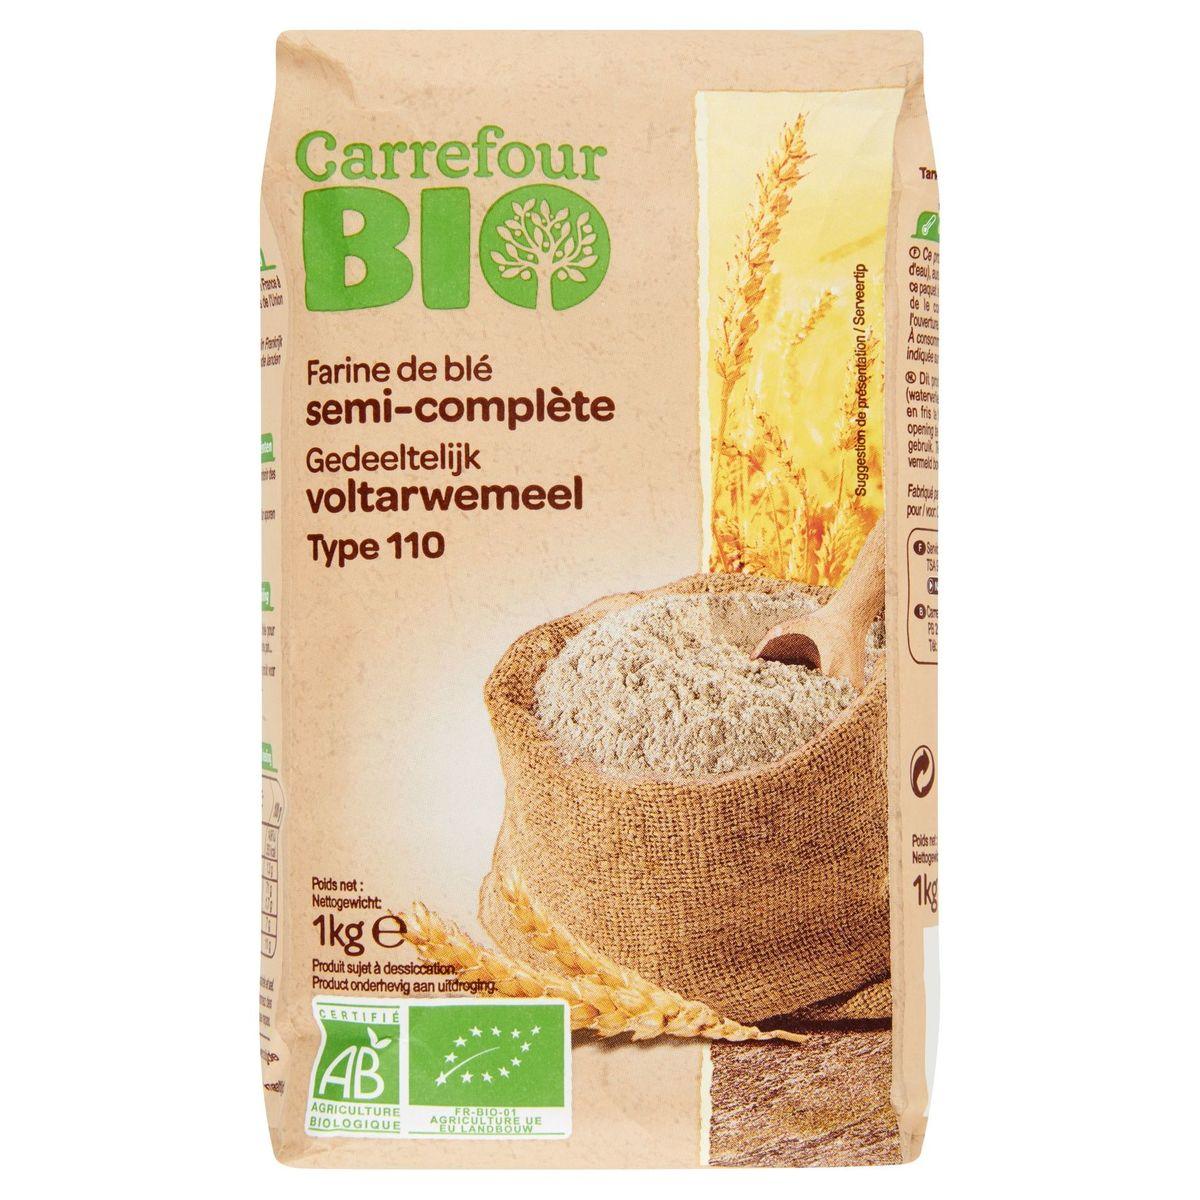 Carrefour Bio Farine de Blé Semi-Complète Type 110 1 kg